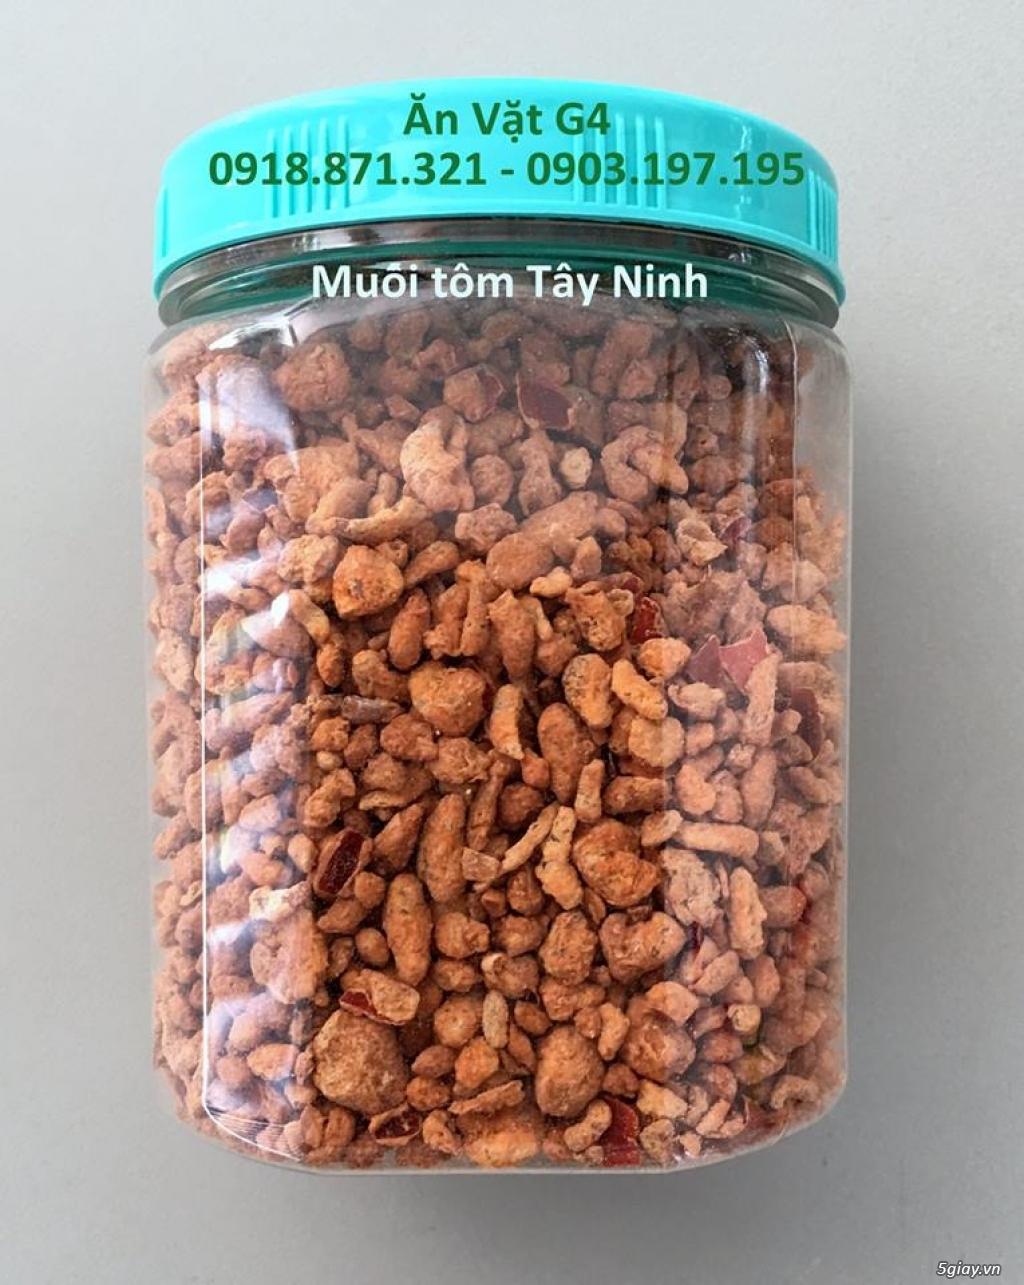 Bánh tráng & muối tôm Tây Ninh - 23